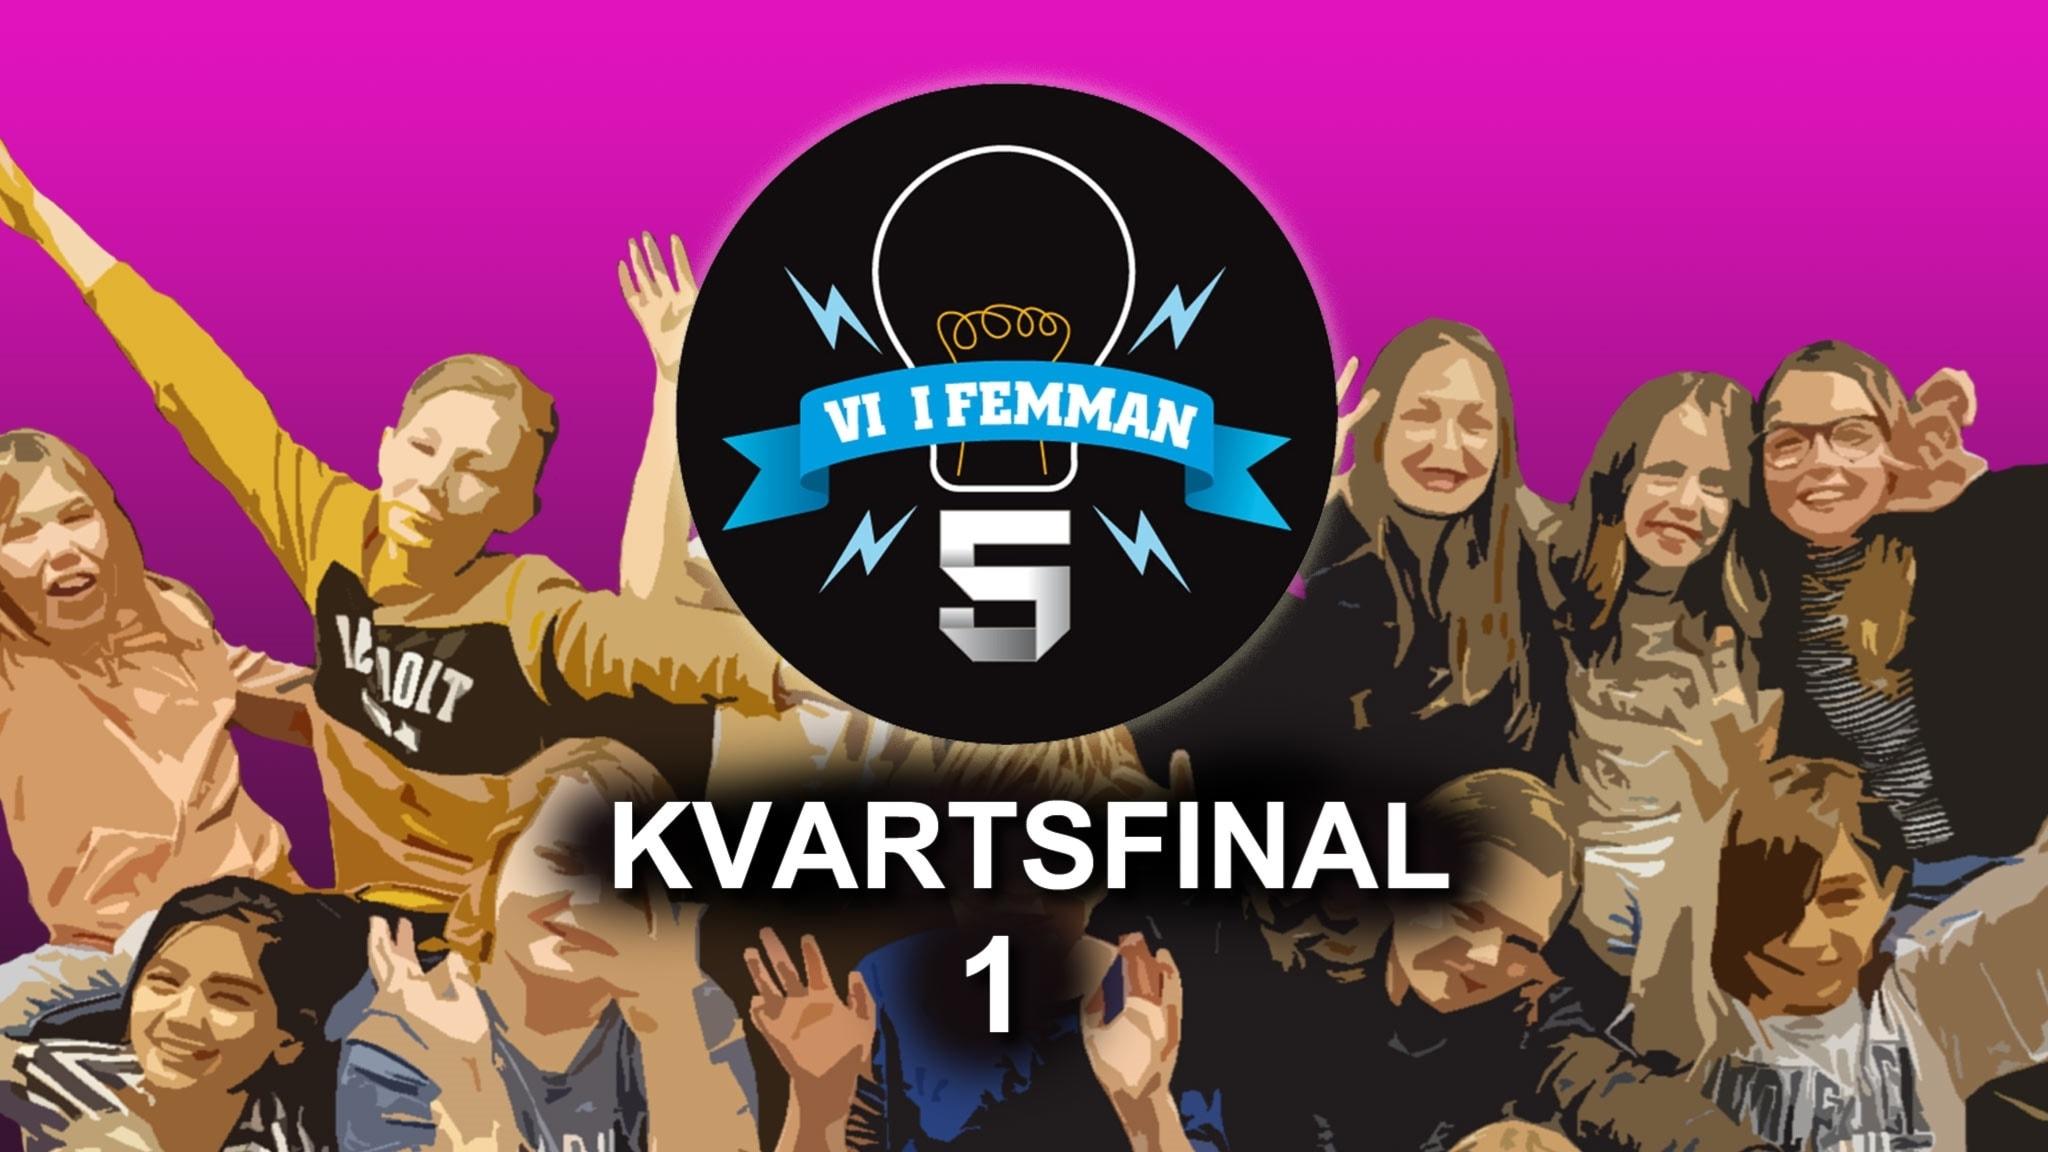 Kvartsfinal 1 - avsnittsbild